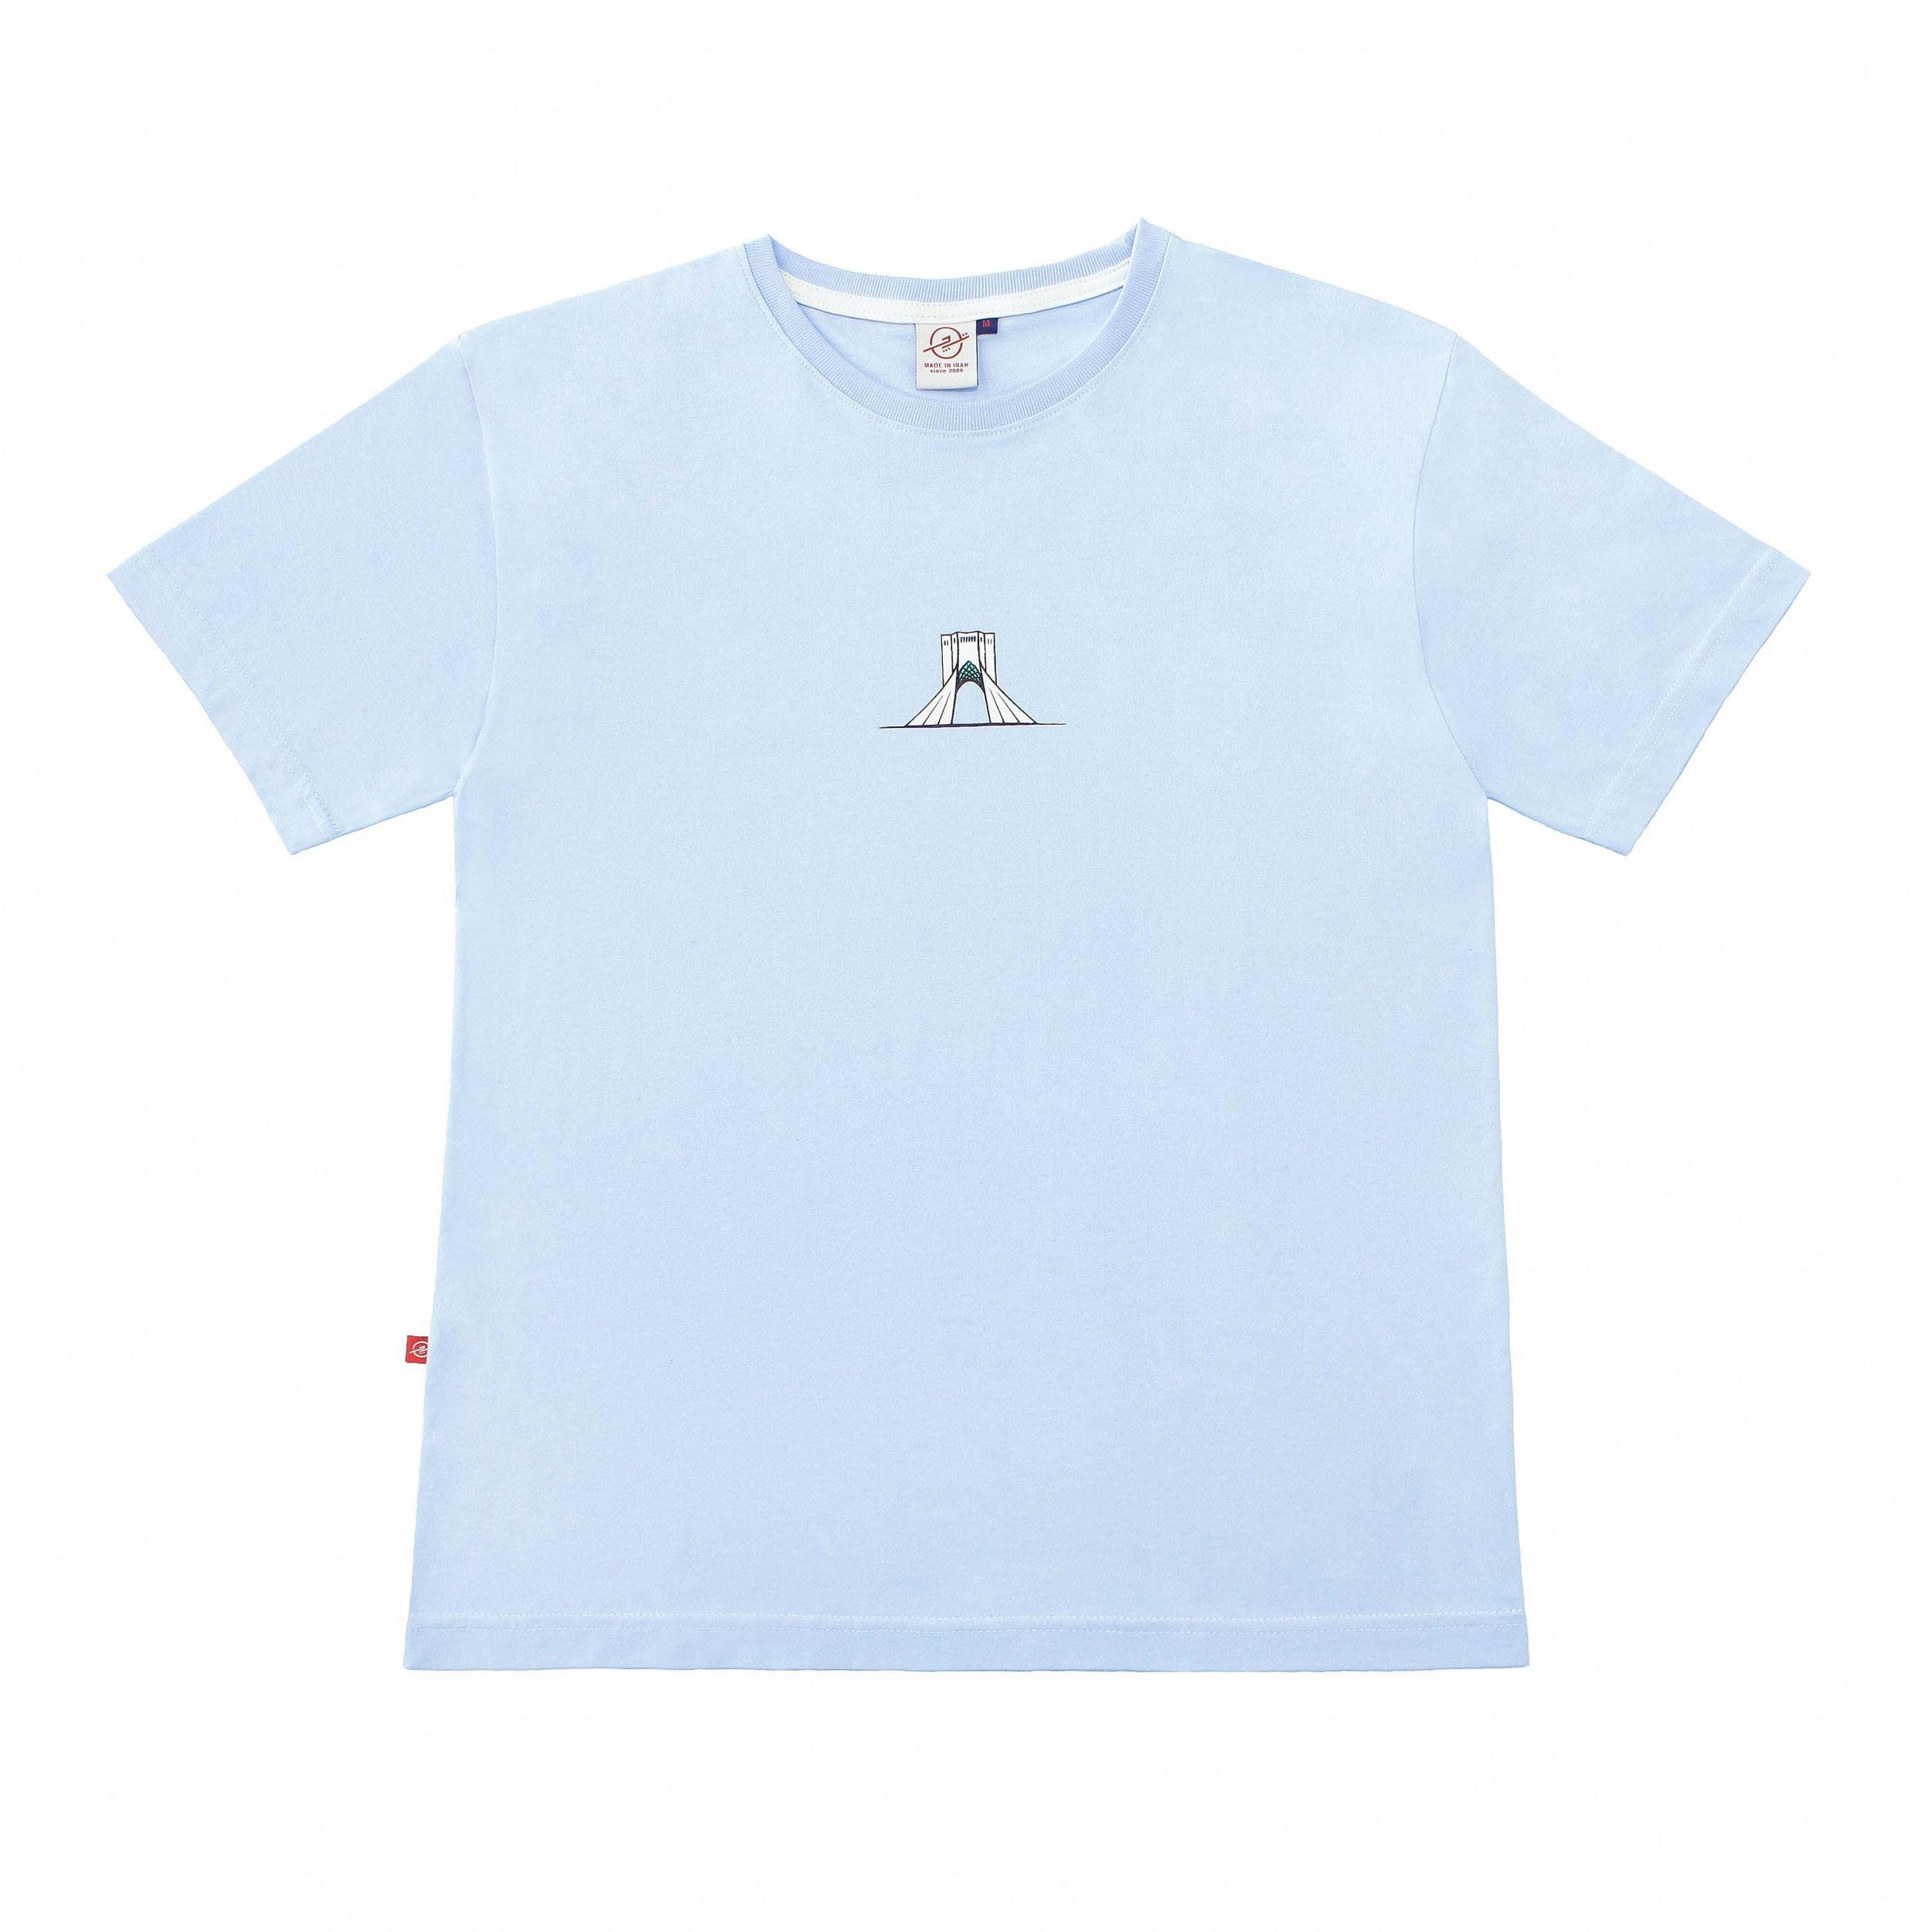 تی شرت آستین کوتاه زنانه تچر مدل آزادی